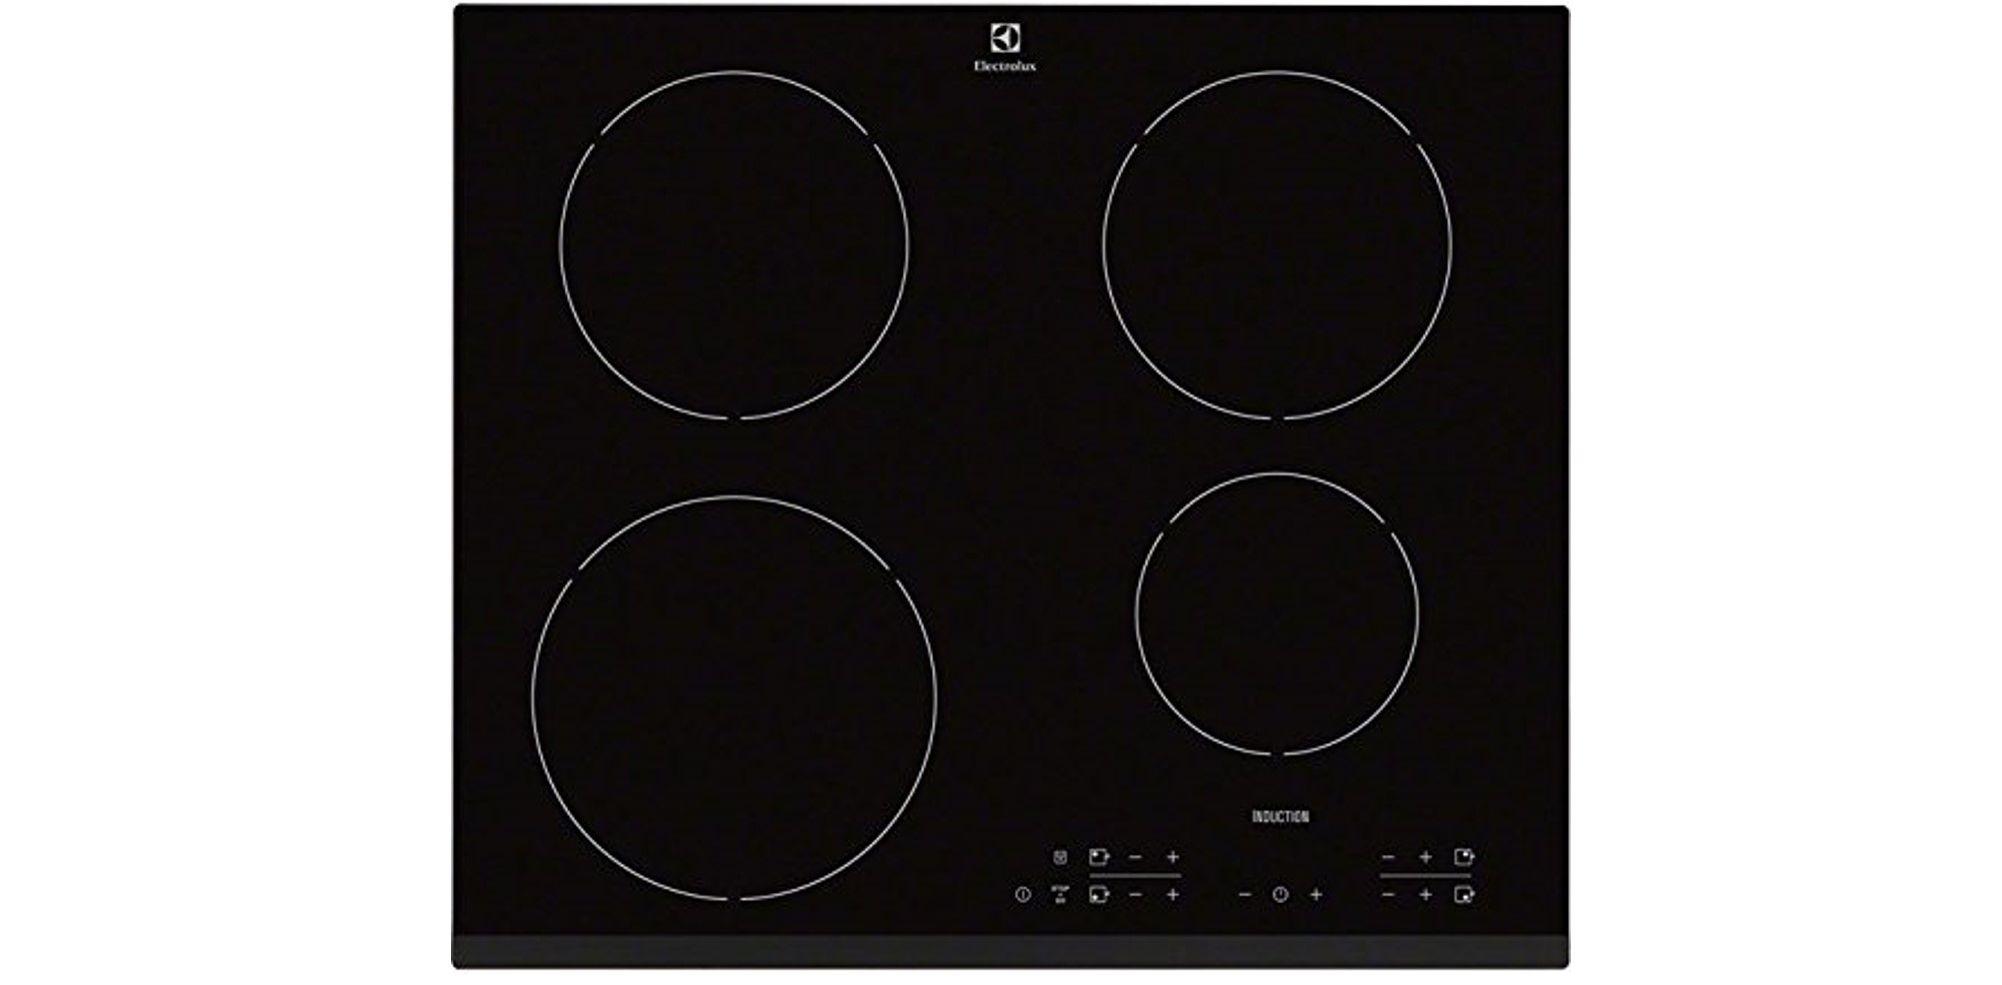 Comment Nettoyer Ma Plaque Induction comparatif : quelle plaque à induction choisir ?